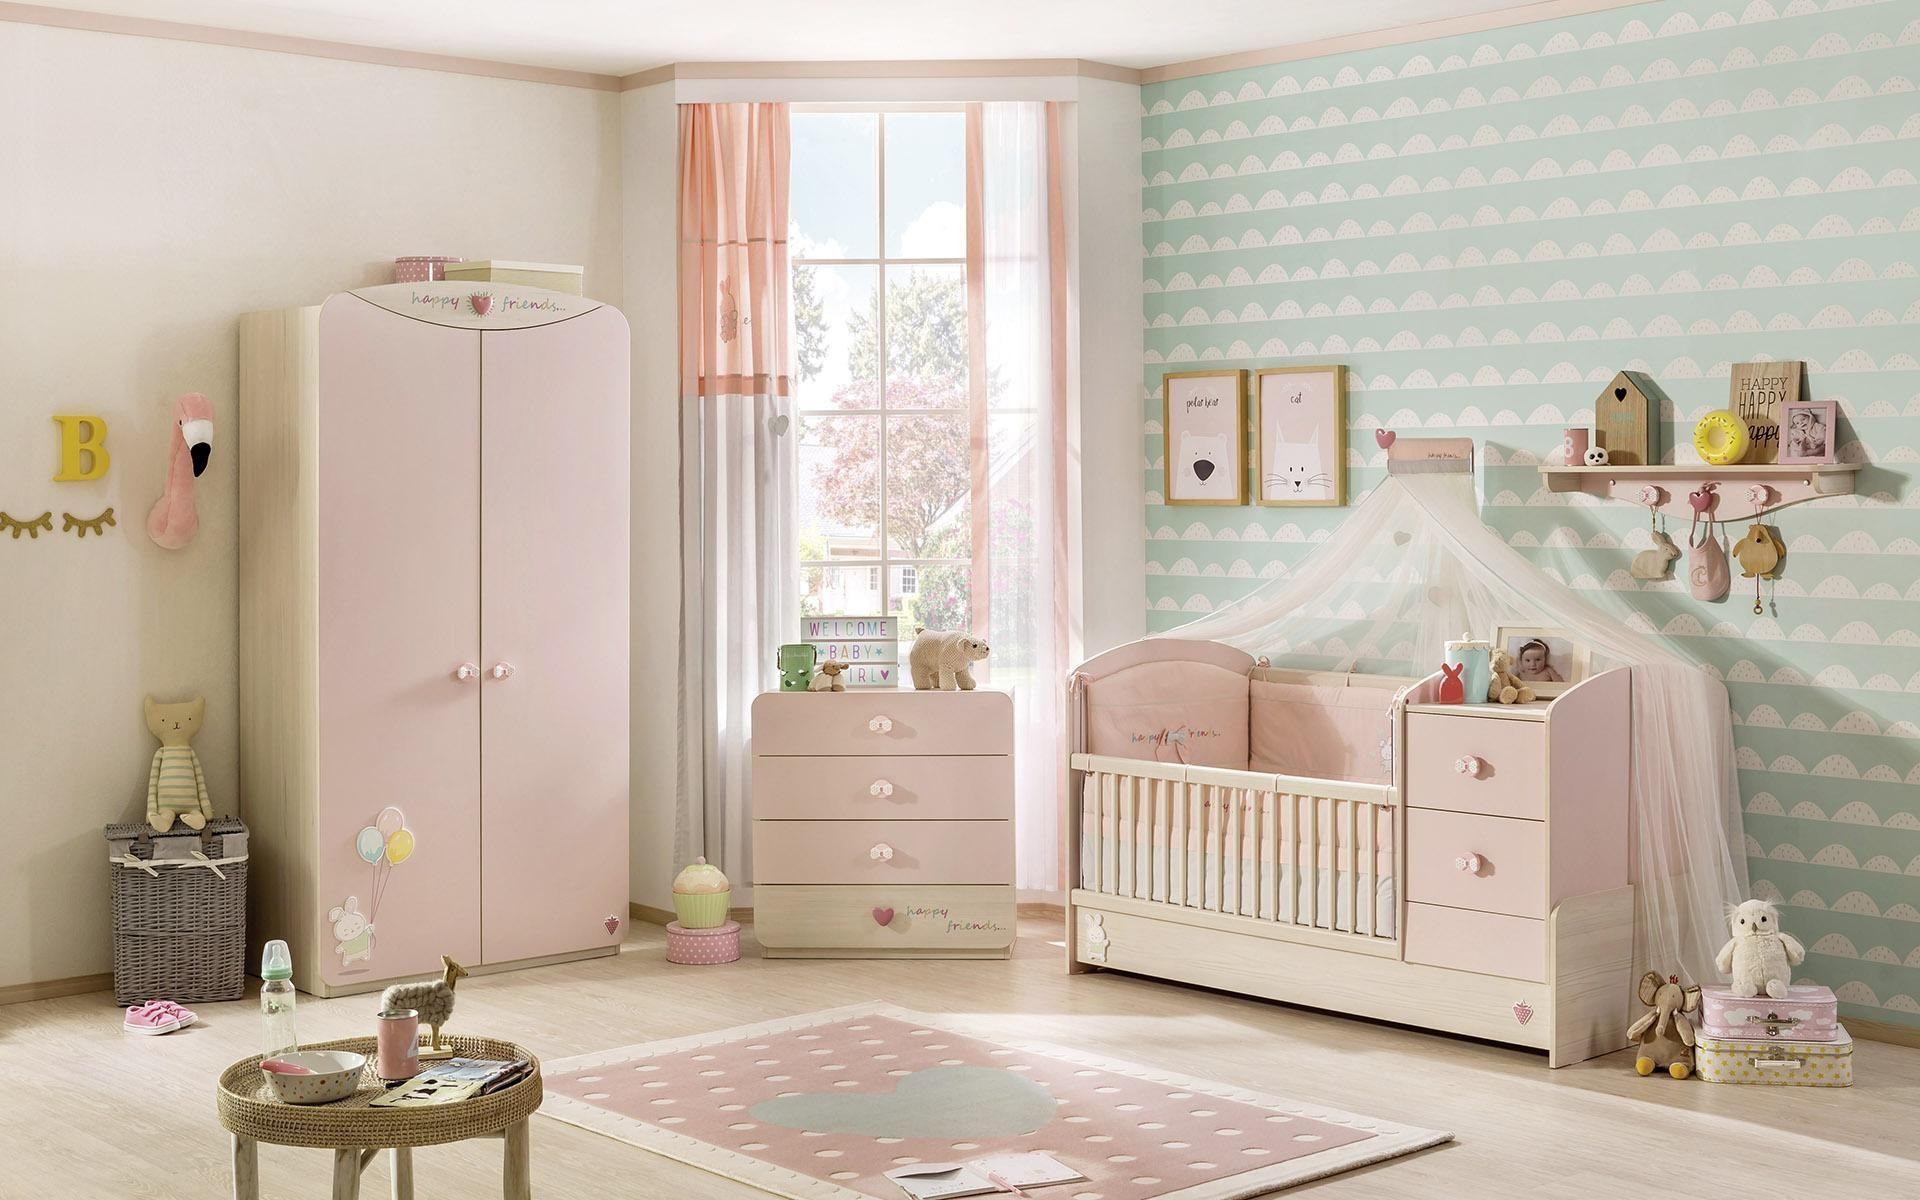 Gordijn Babykamer Babykamers : Babykamer roze compleet babybed klamboe tapijt kast gordijn en